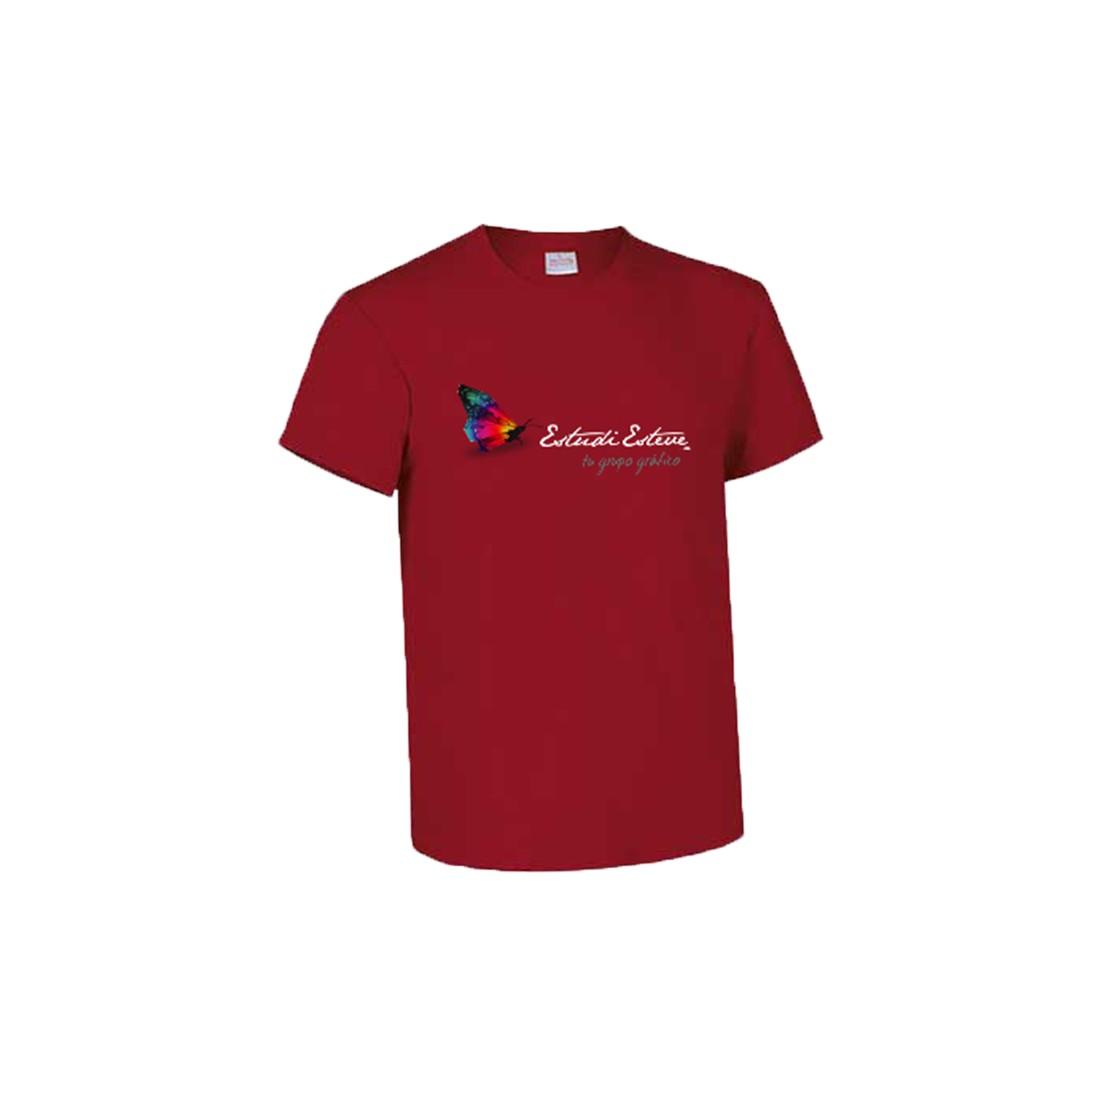 79b7fcae6 ▷ Camisetas personalizadas en Barcelona en 24h